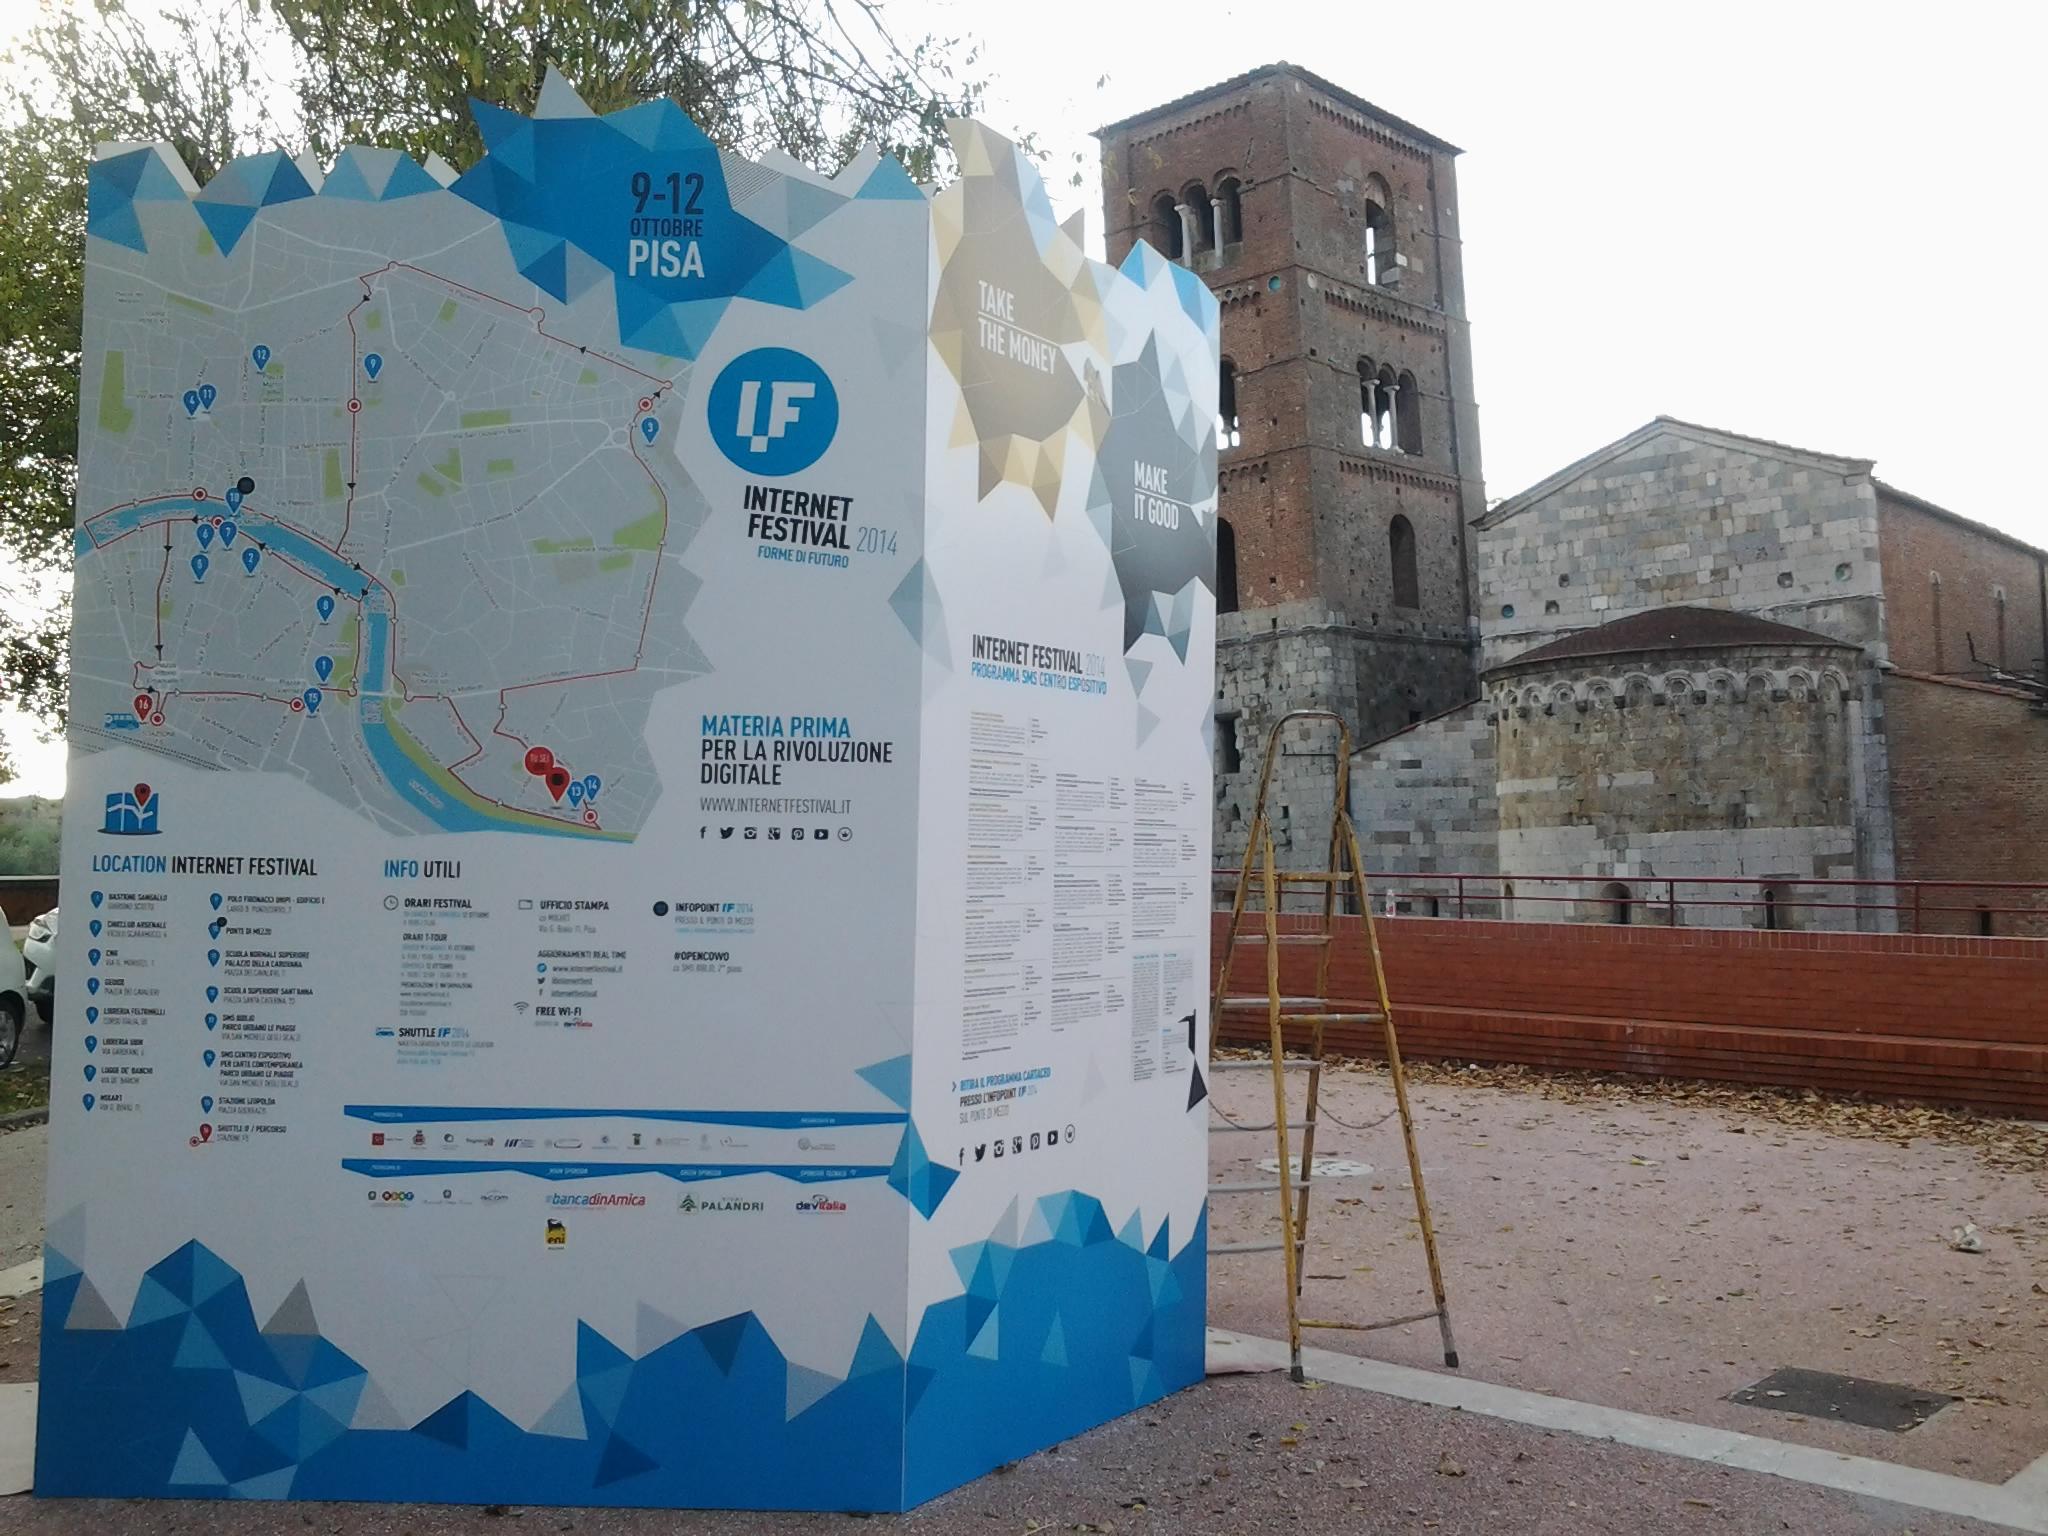 Internet Festival 2014, SMS Pisa